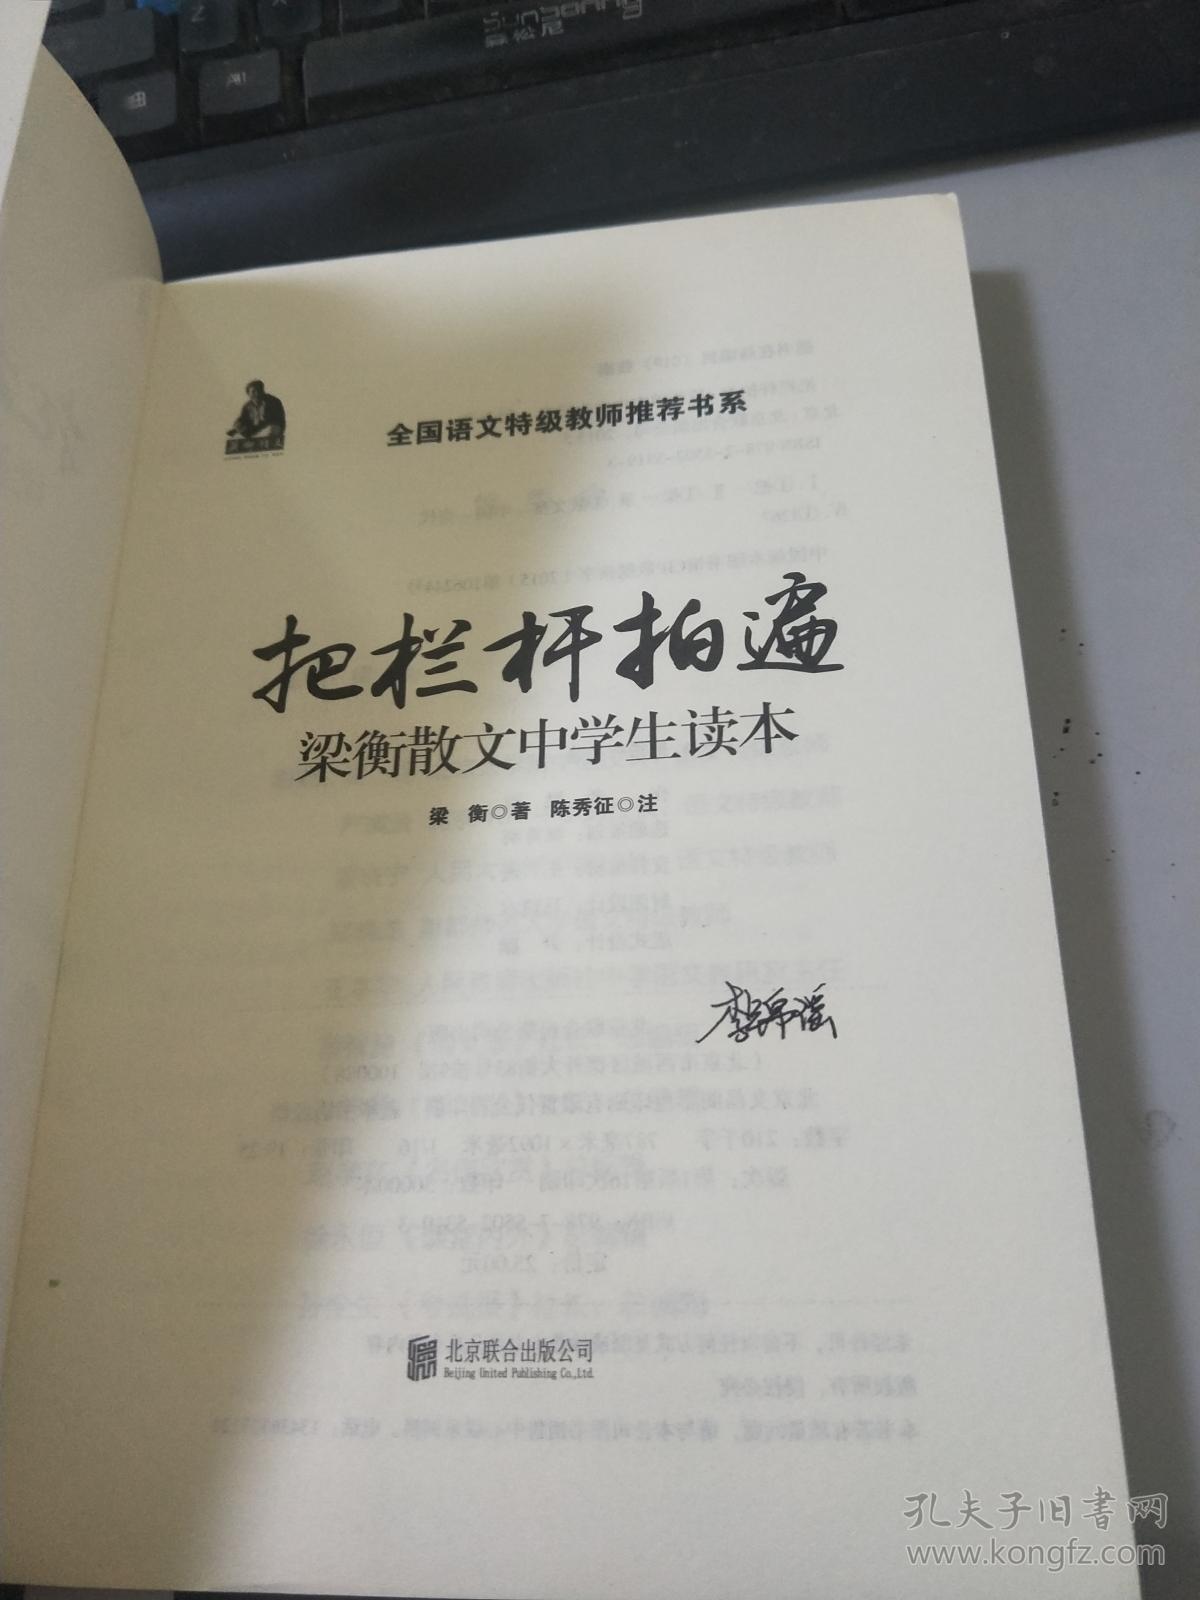 把栏杆拍遍:梁衡散文中学生读本g1397